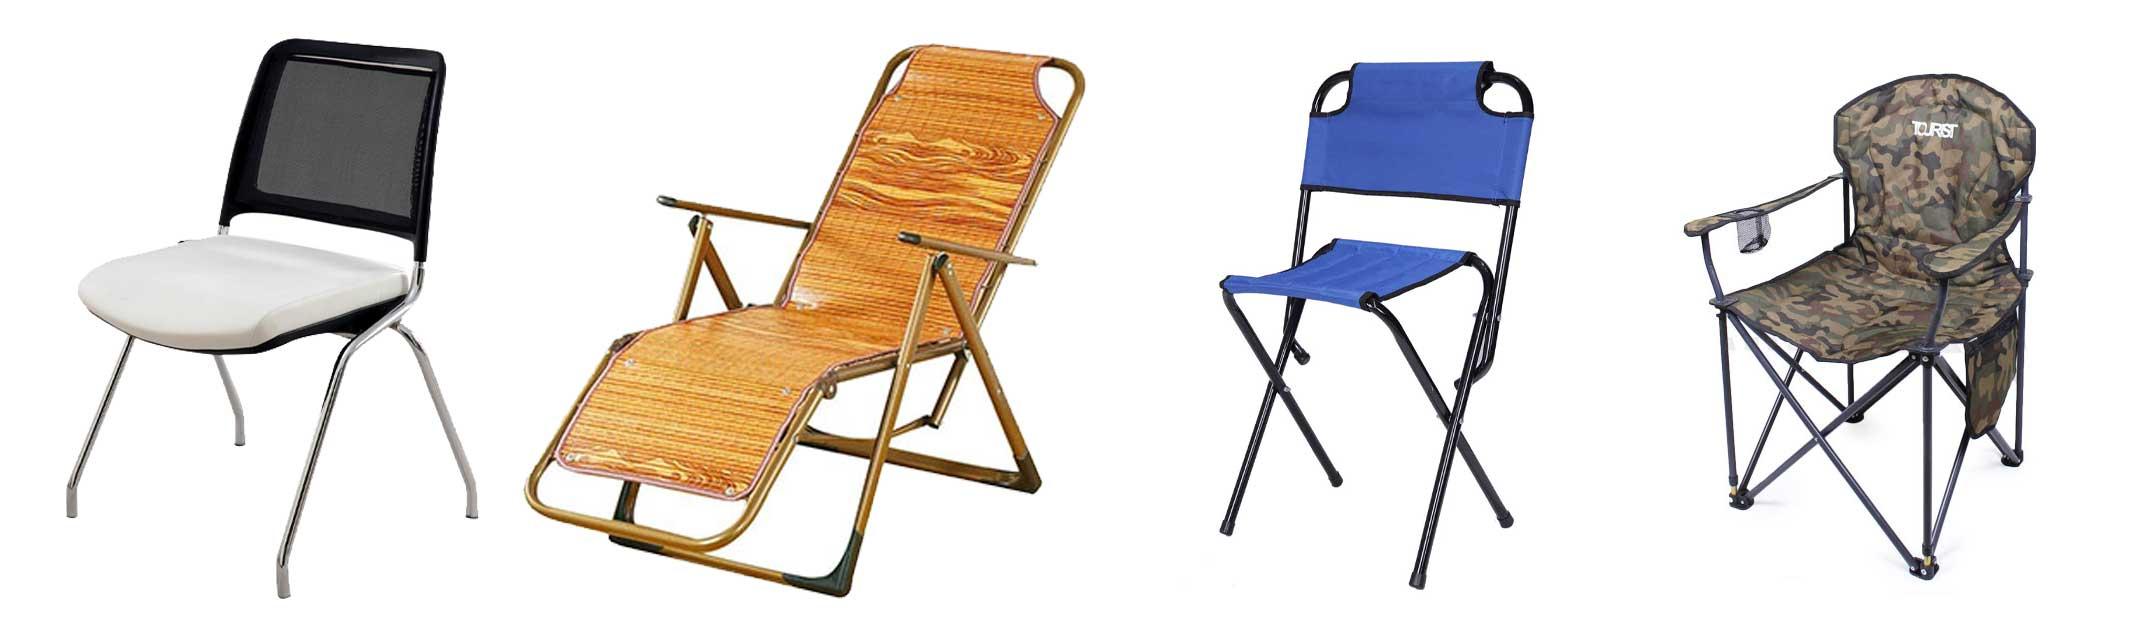 صندلی تاشو - صندلی تاشو مسافرتی - صندلی کمپینگ - صندلی مسافرتی تاشو